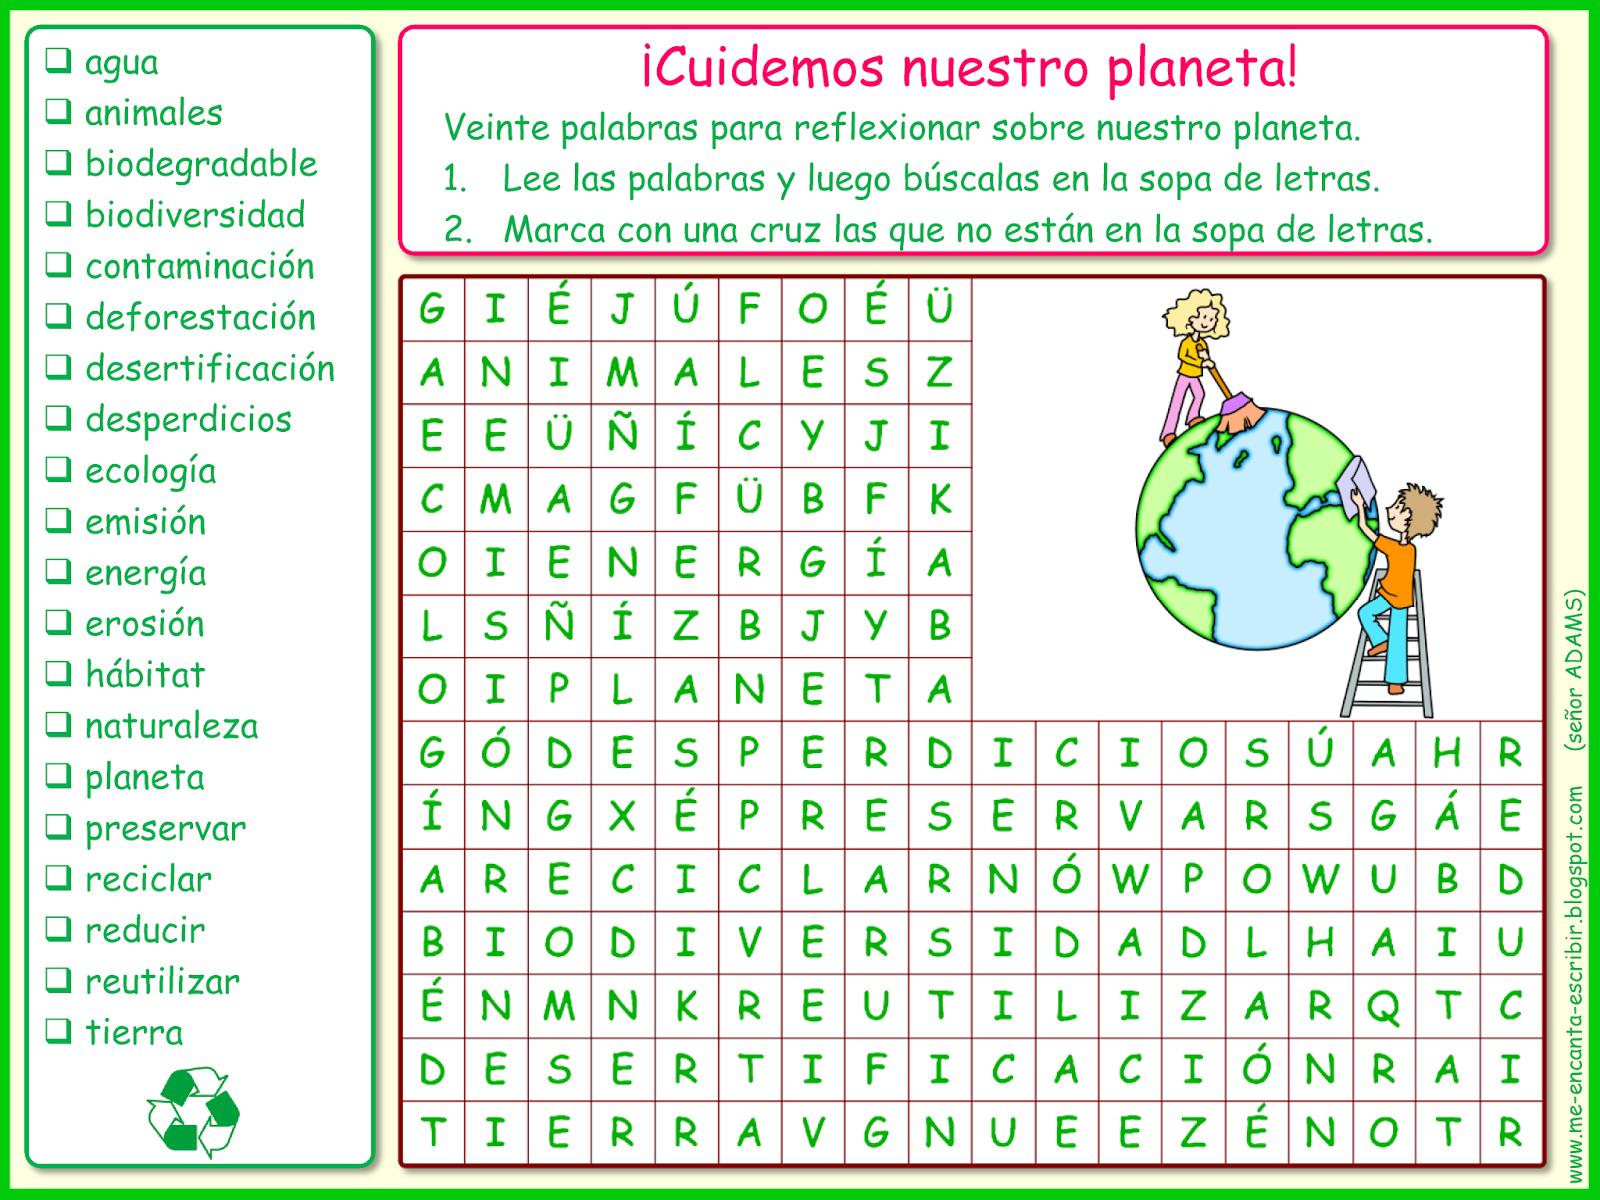 proteger nuestro planeta y ayudar a mantener el equilibrio ecológico